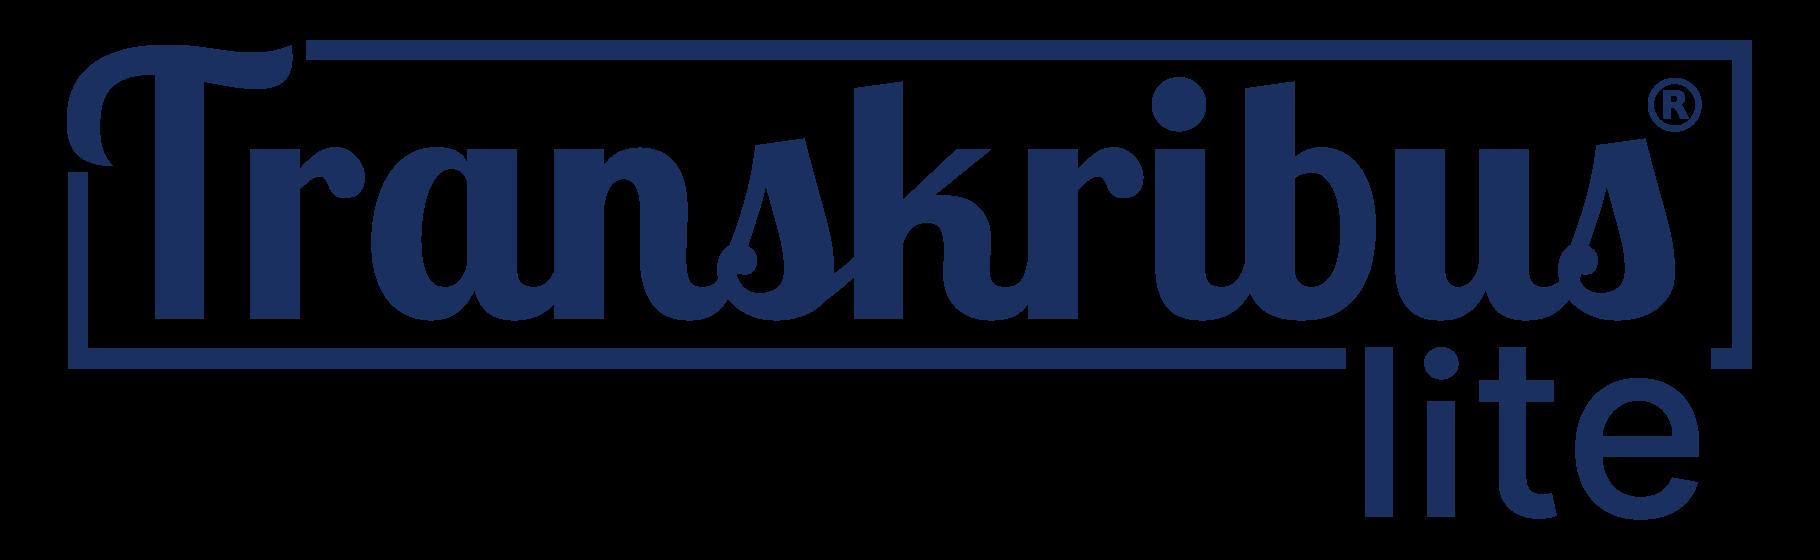 Full-Color Logo